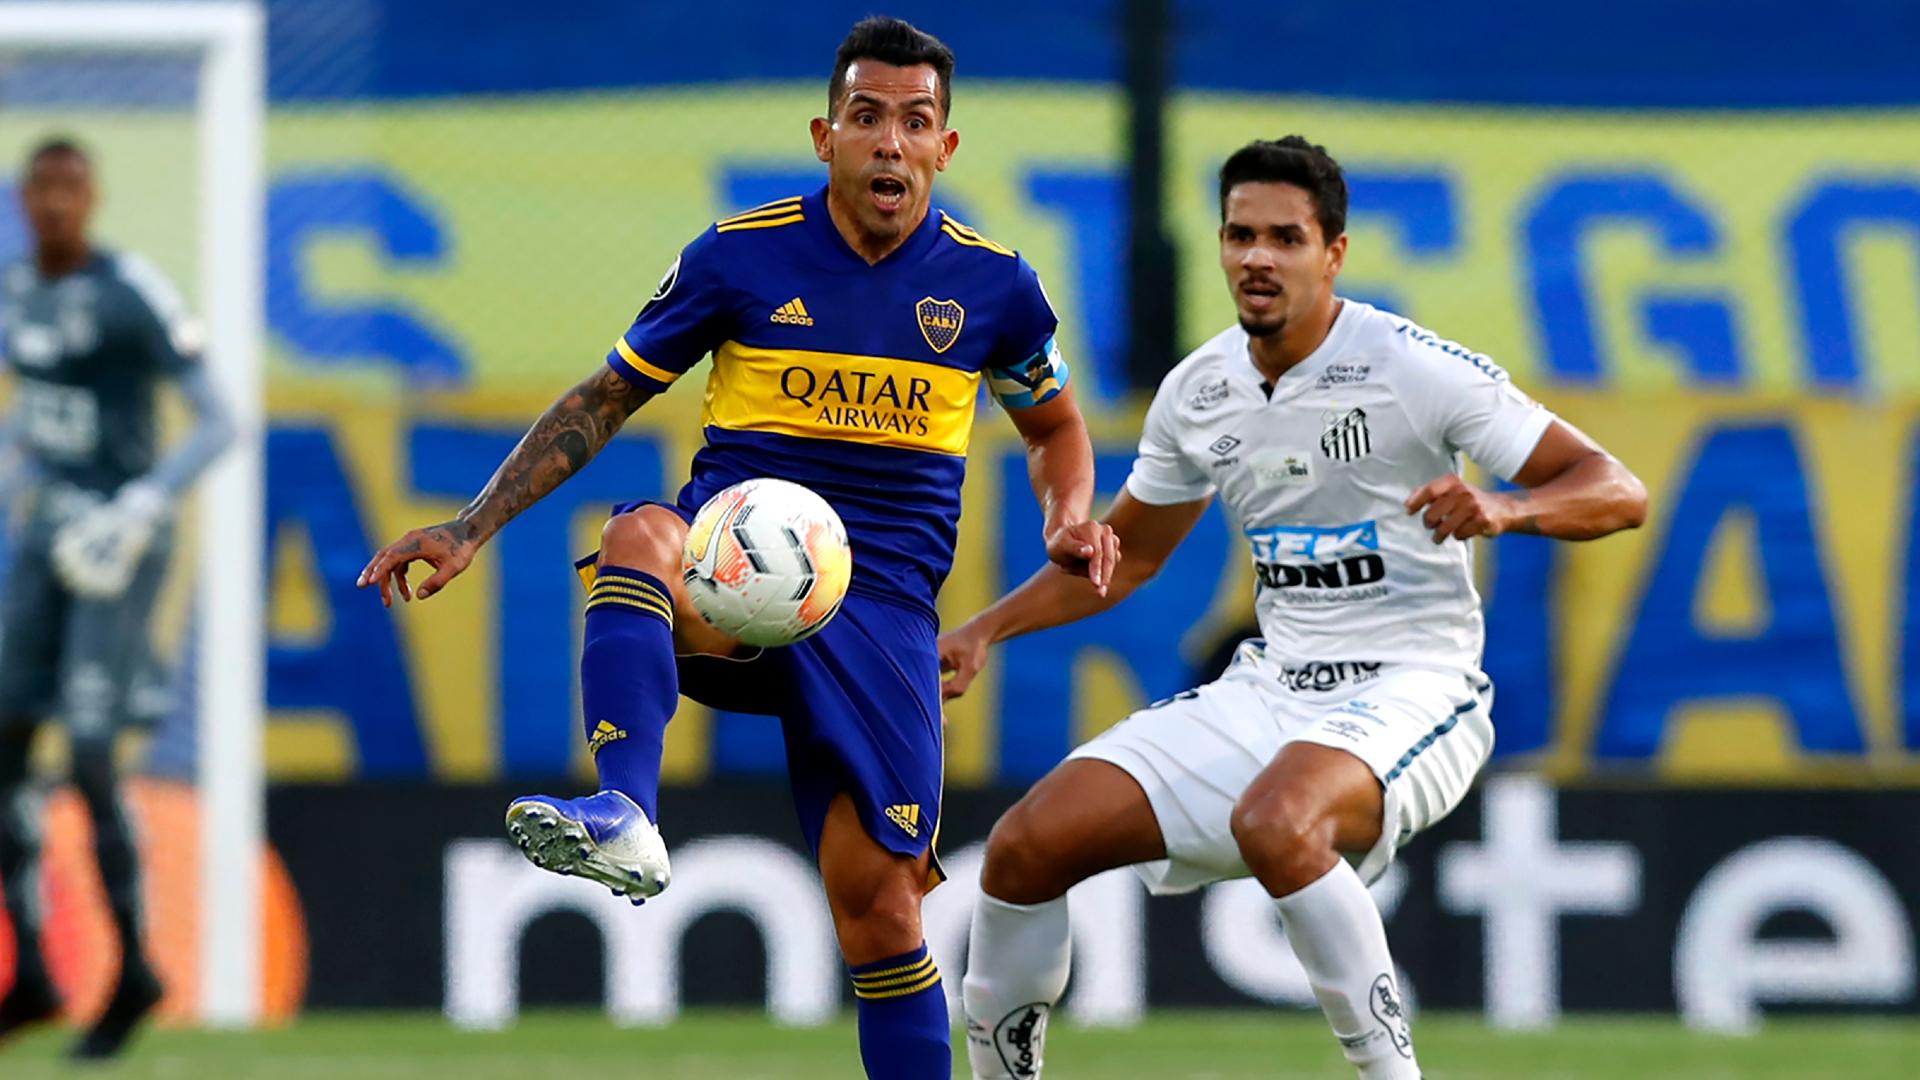 Boca Juniors 0-0 Santos: Semi-final first leg finishes goalless